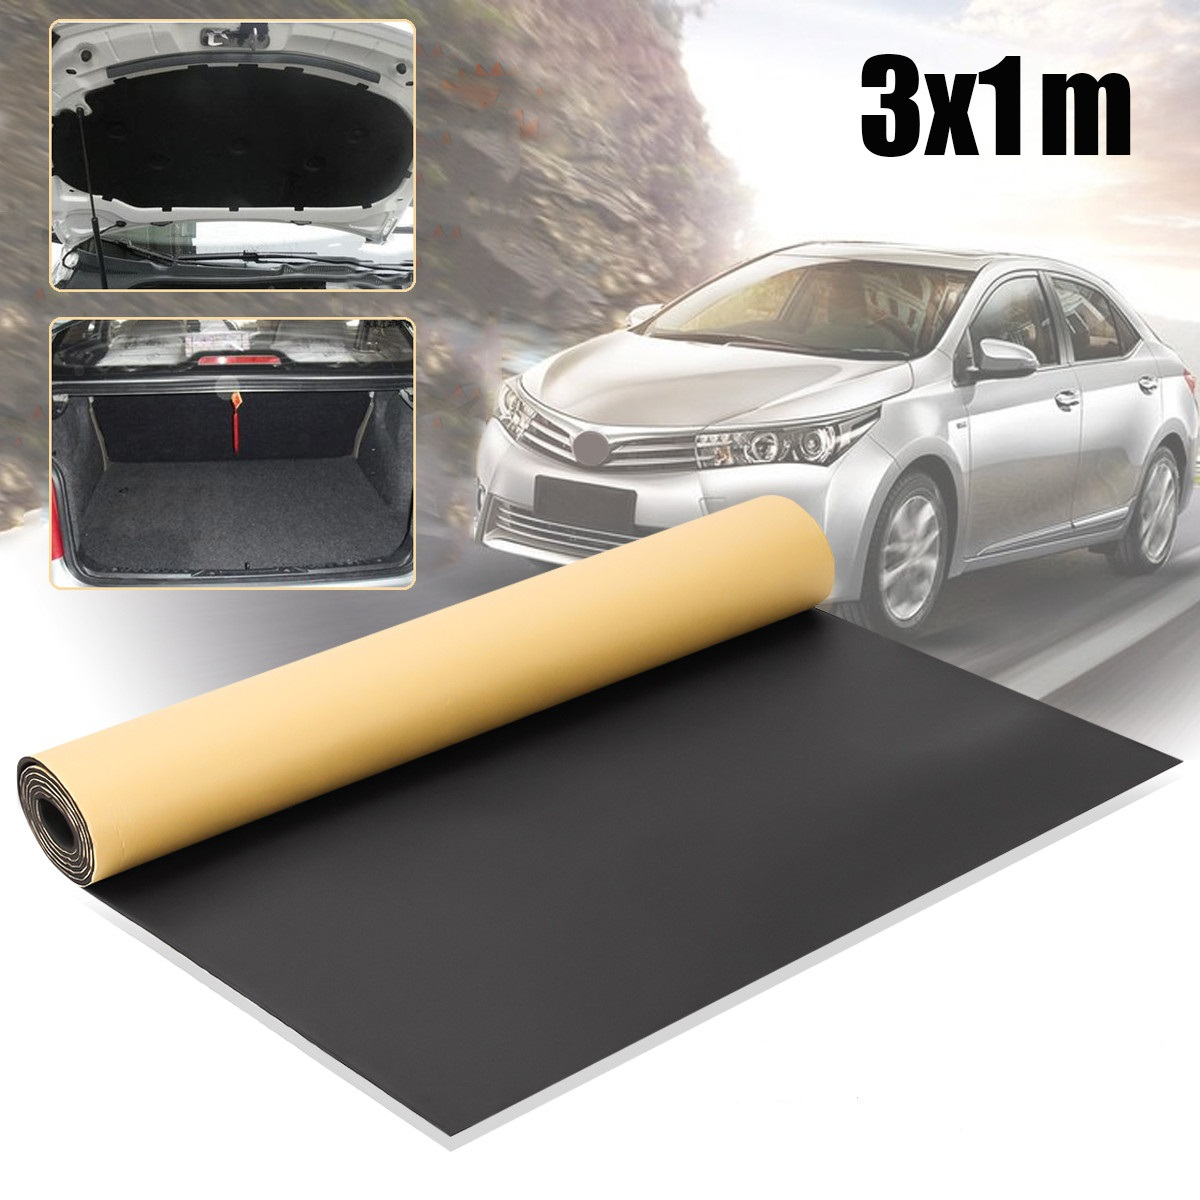 1 m x 3 m rouleau 6mm voiture insonorisation Van à cellules fermées isolation mousse Mat accessoires intérieurs